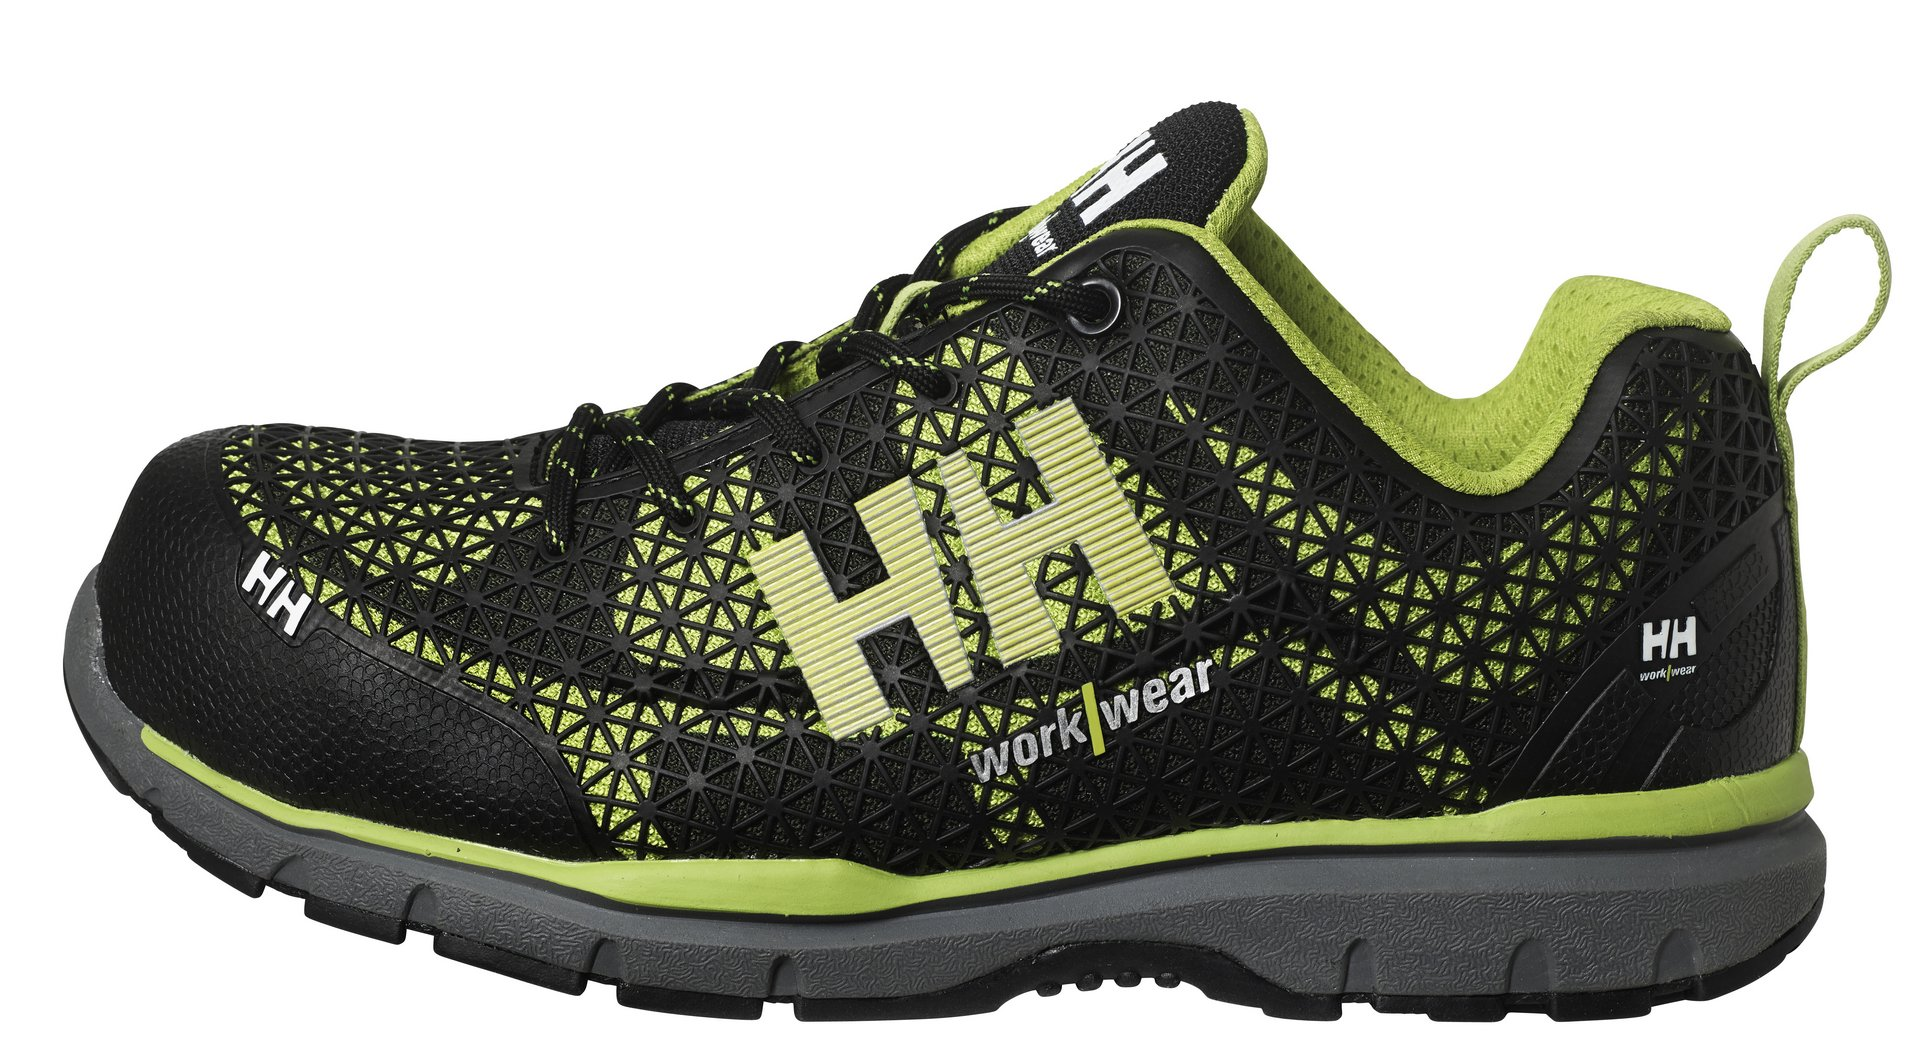 ee56b4473b3 Calzado de Seguridad deportivo S3 SRC Estos zapatos de alto rendimiento  extremadamente ligeros, transpirables e